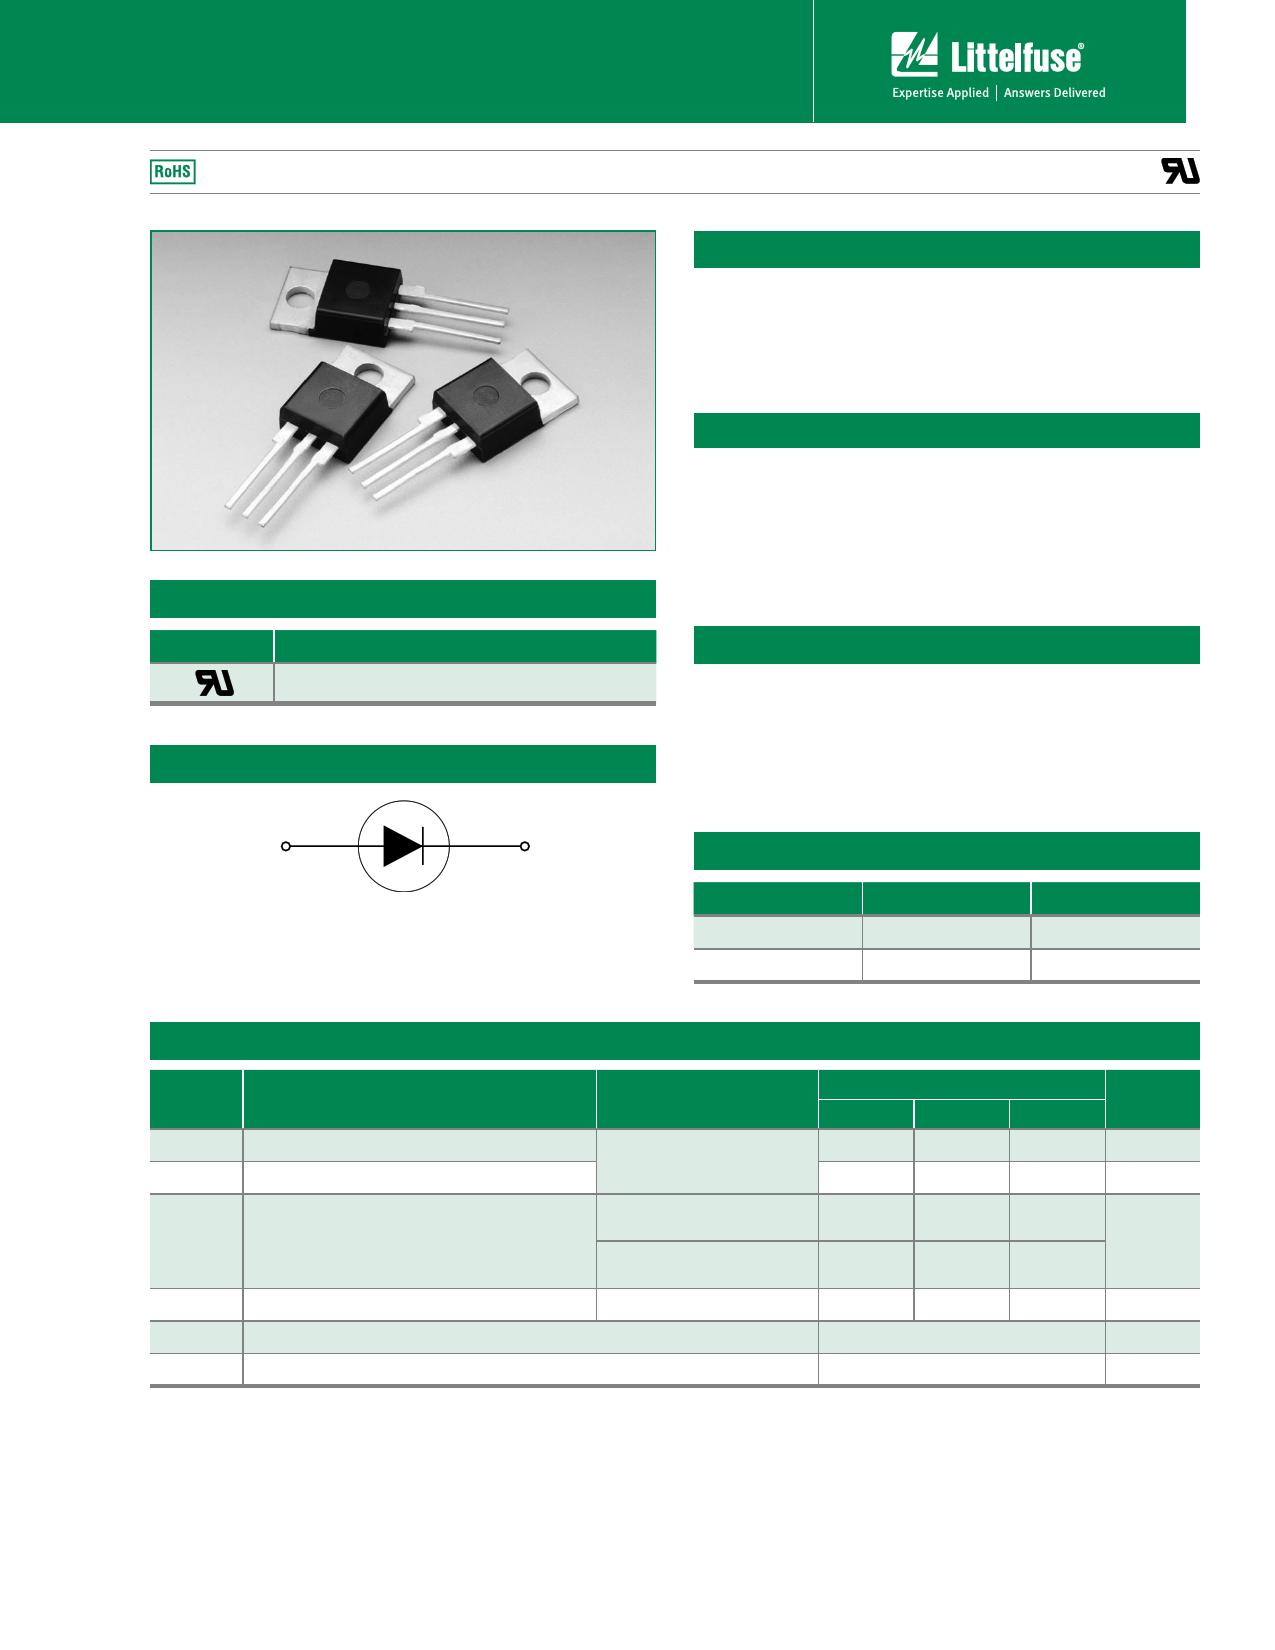 D4025L Hoja de datos, Descripción, Manual